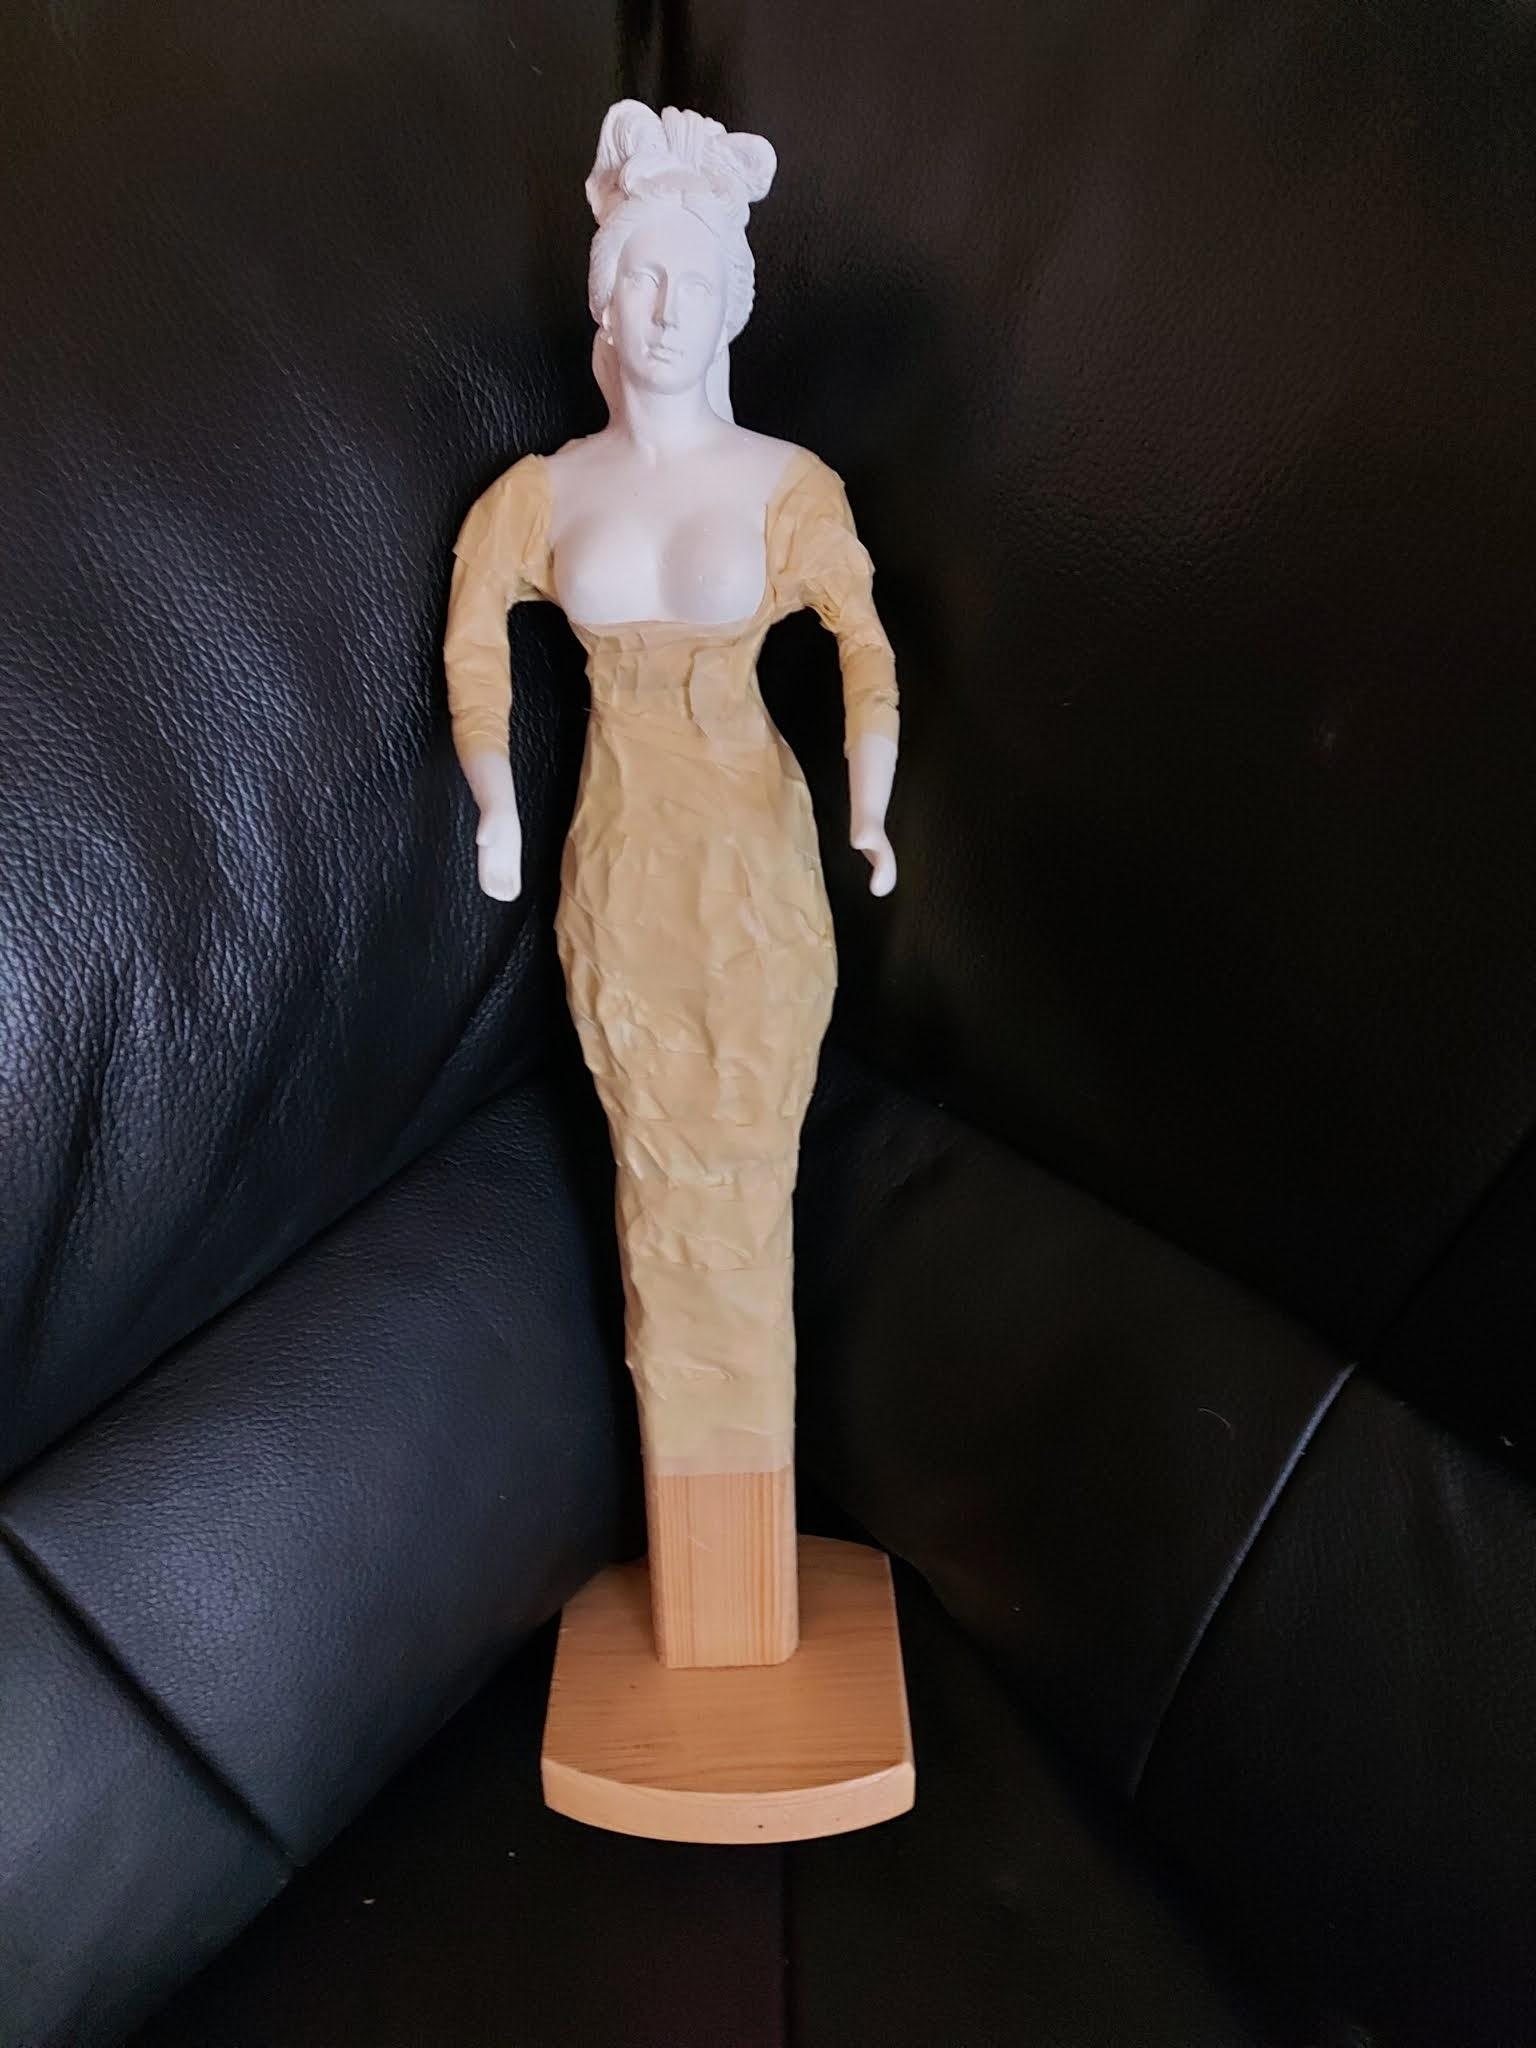 fogyni hűvös szobrászat hőguta fogyás